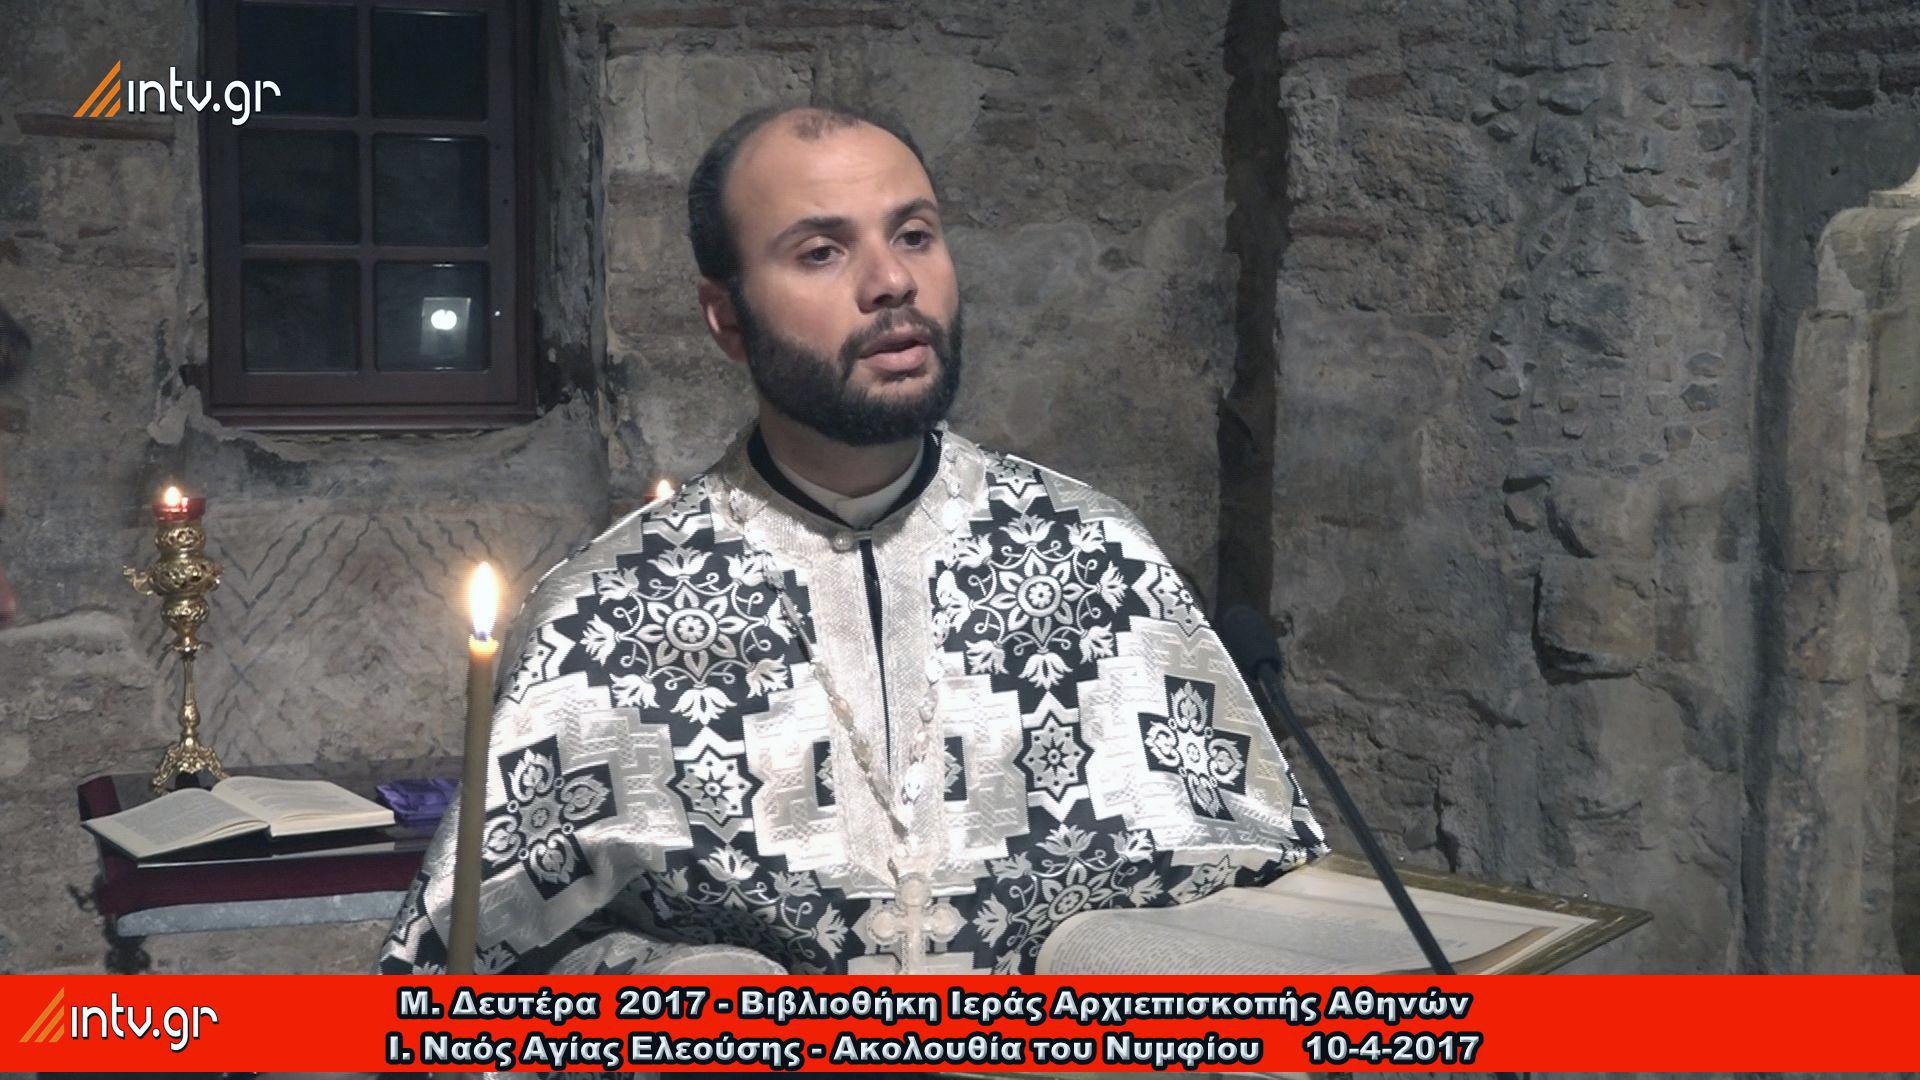 Μ. Δευτέρα  2017 - Βιβλιοθήκη Ιεράς Αρχιεπισκοπής Αθηνών - Ι. Ναός Αγίας Ελεούσης - Ακολουθία του Νυμφίου